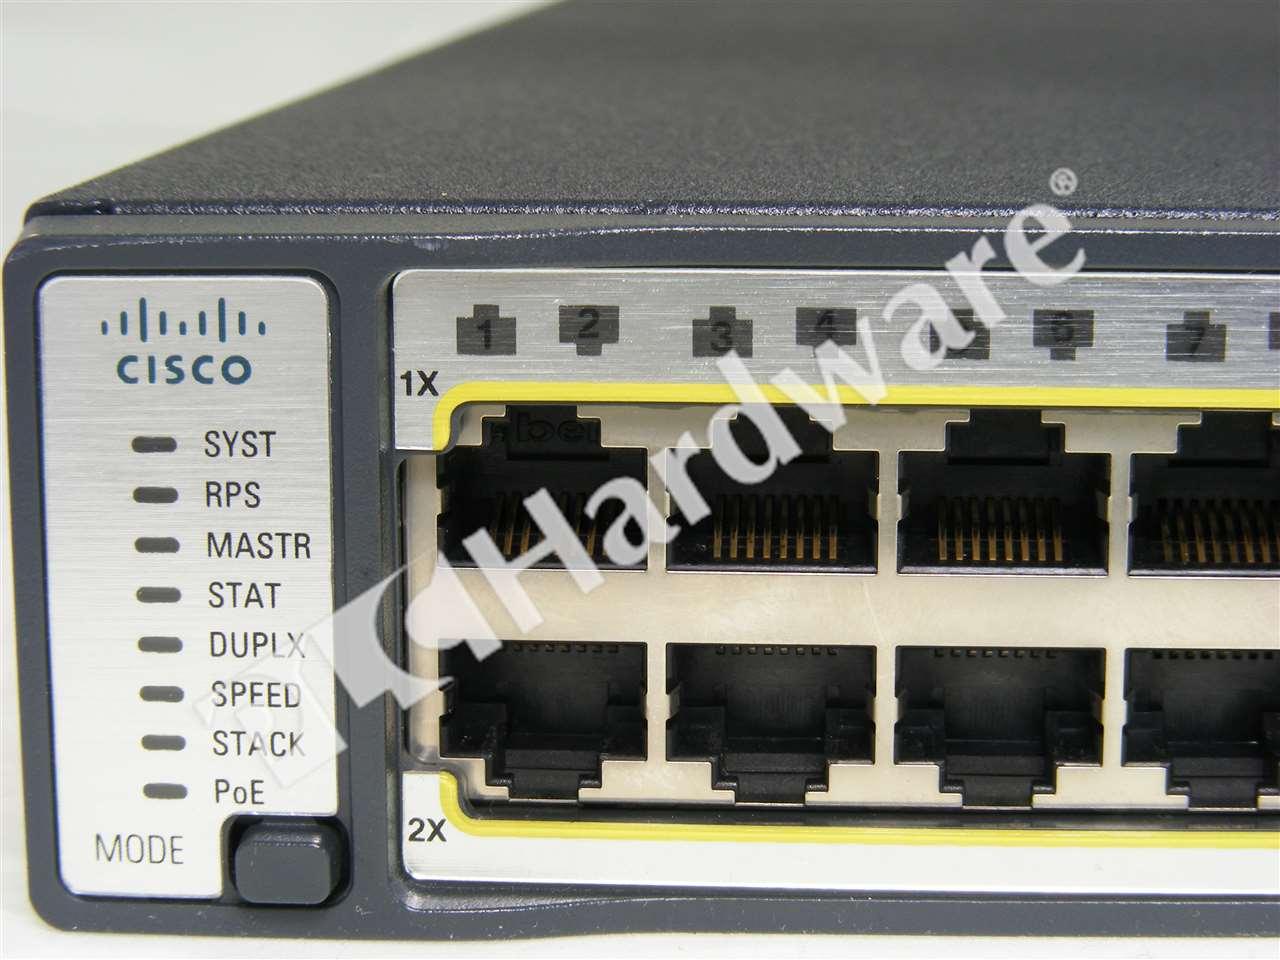 Cisco smartnet lookup by key generator